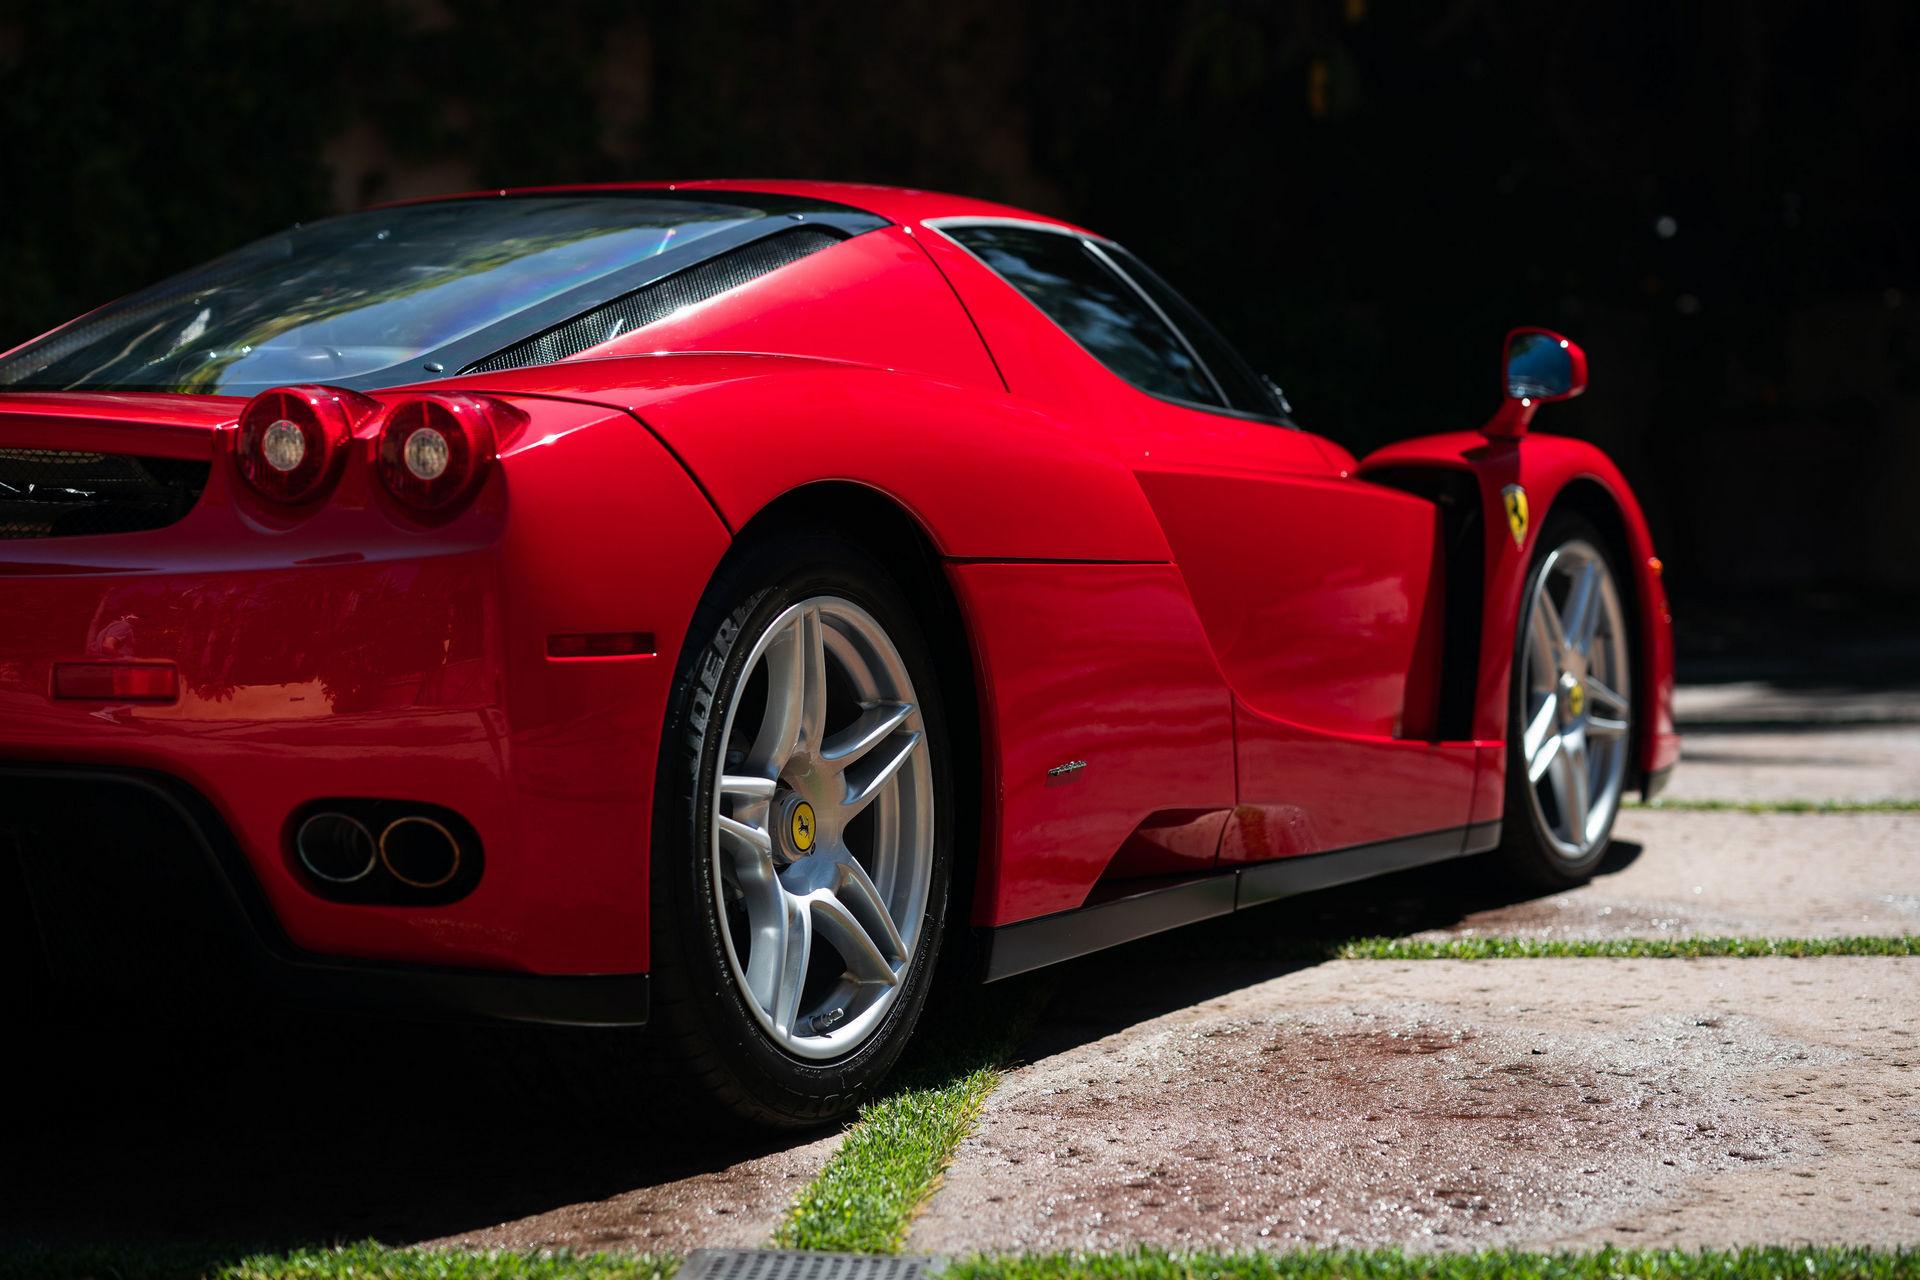 Siêu xe Ferrari Enzo lập kỷ lục đấu giá trực tuyến với giá bán 2,64 triệu USD